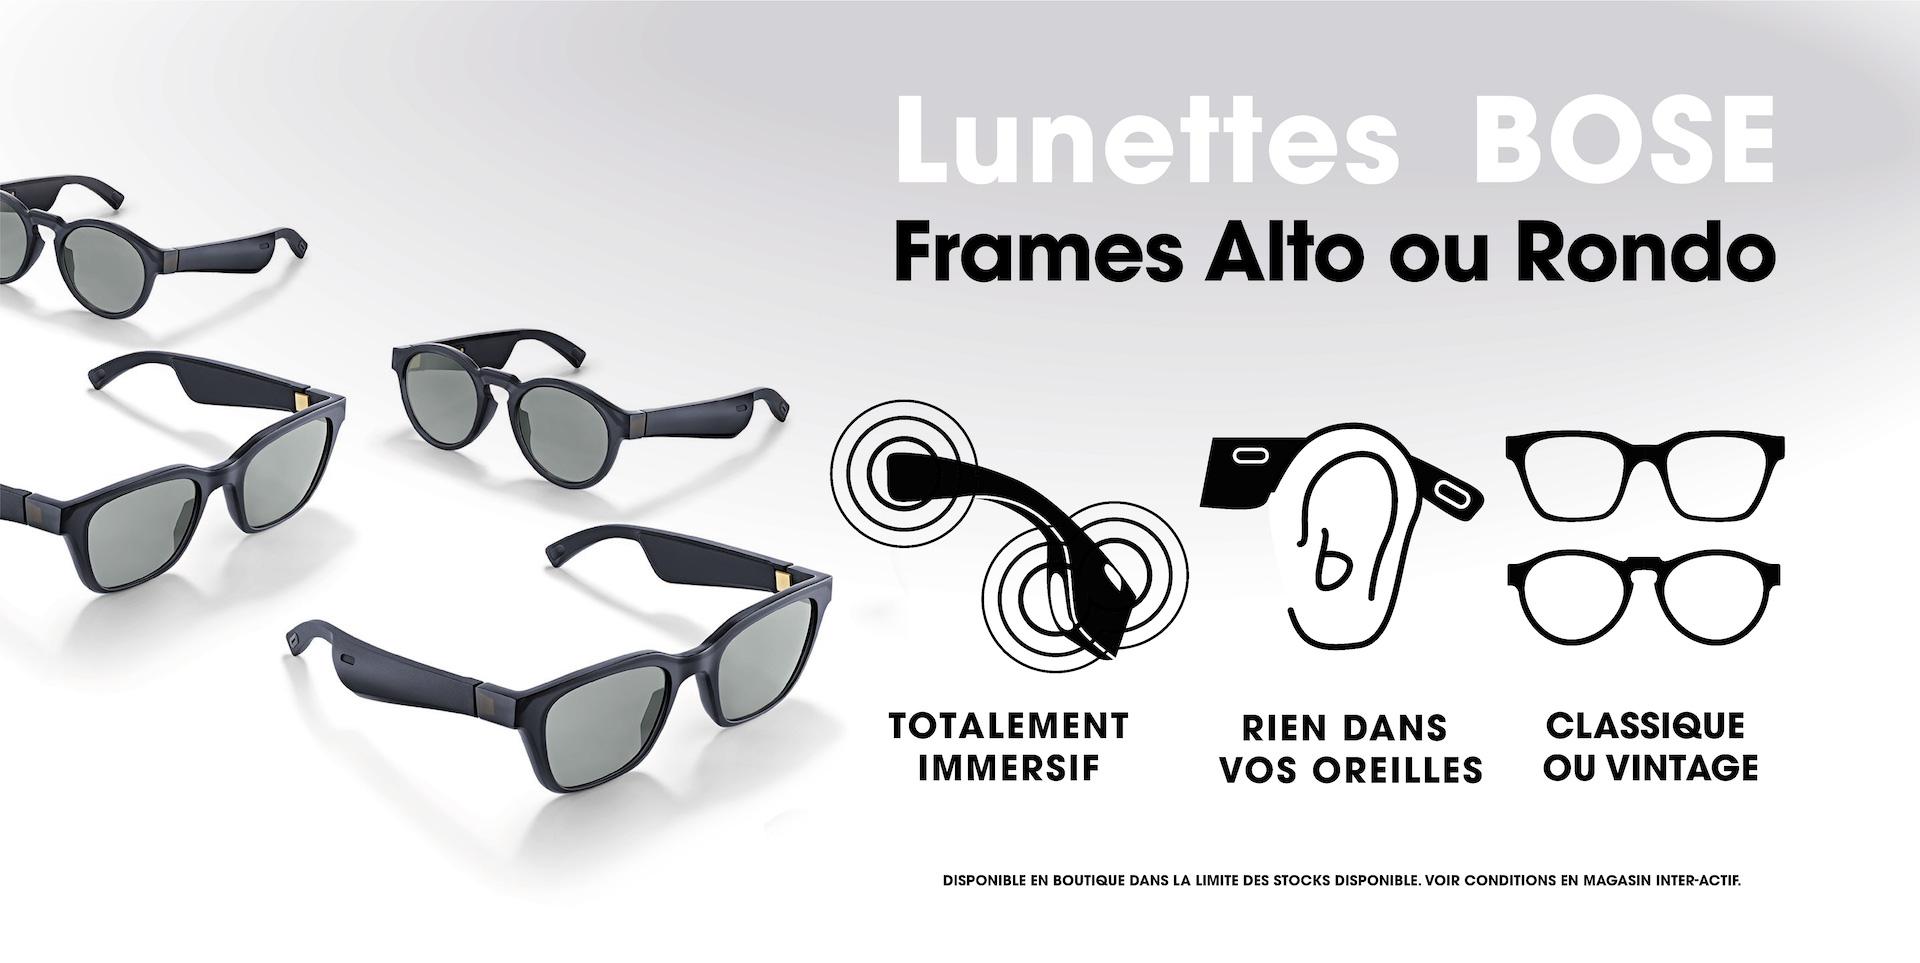 Bose Lunettes Frames Alto/Rondo